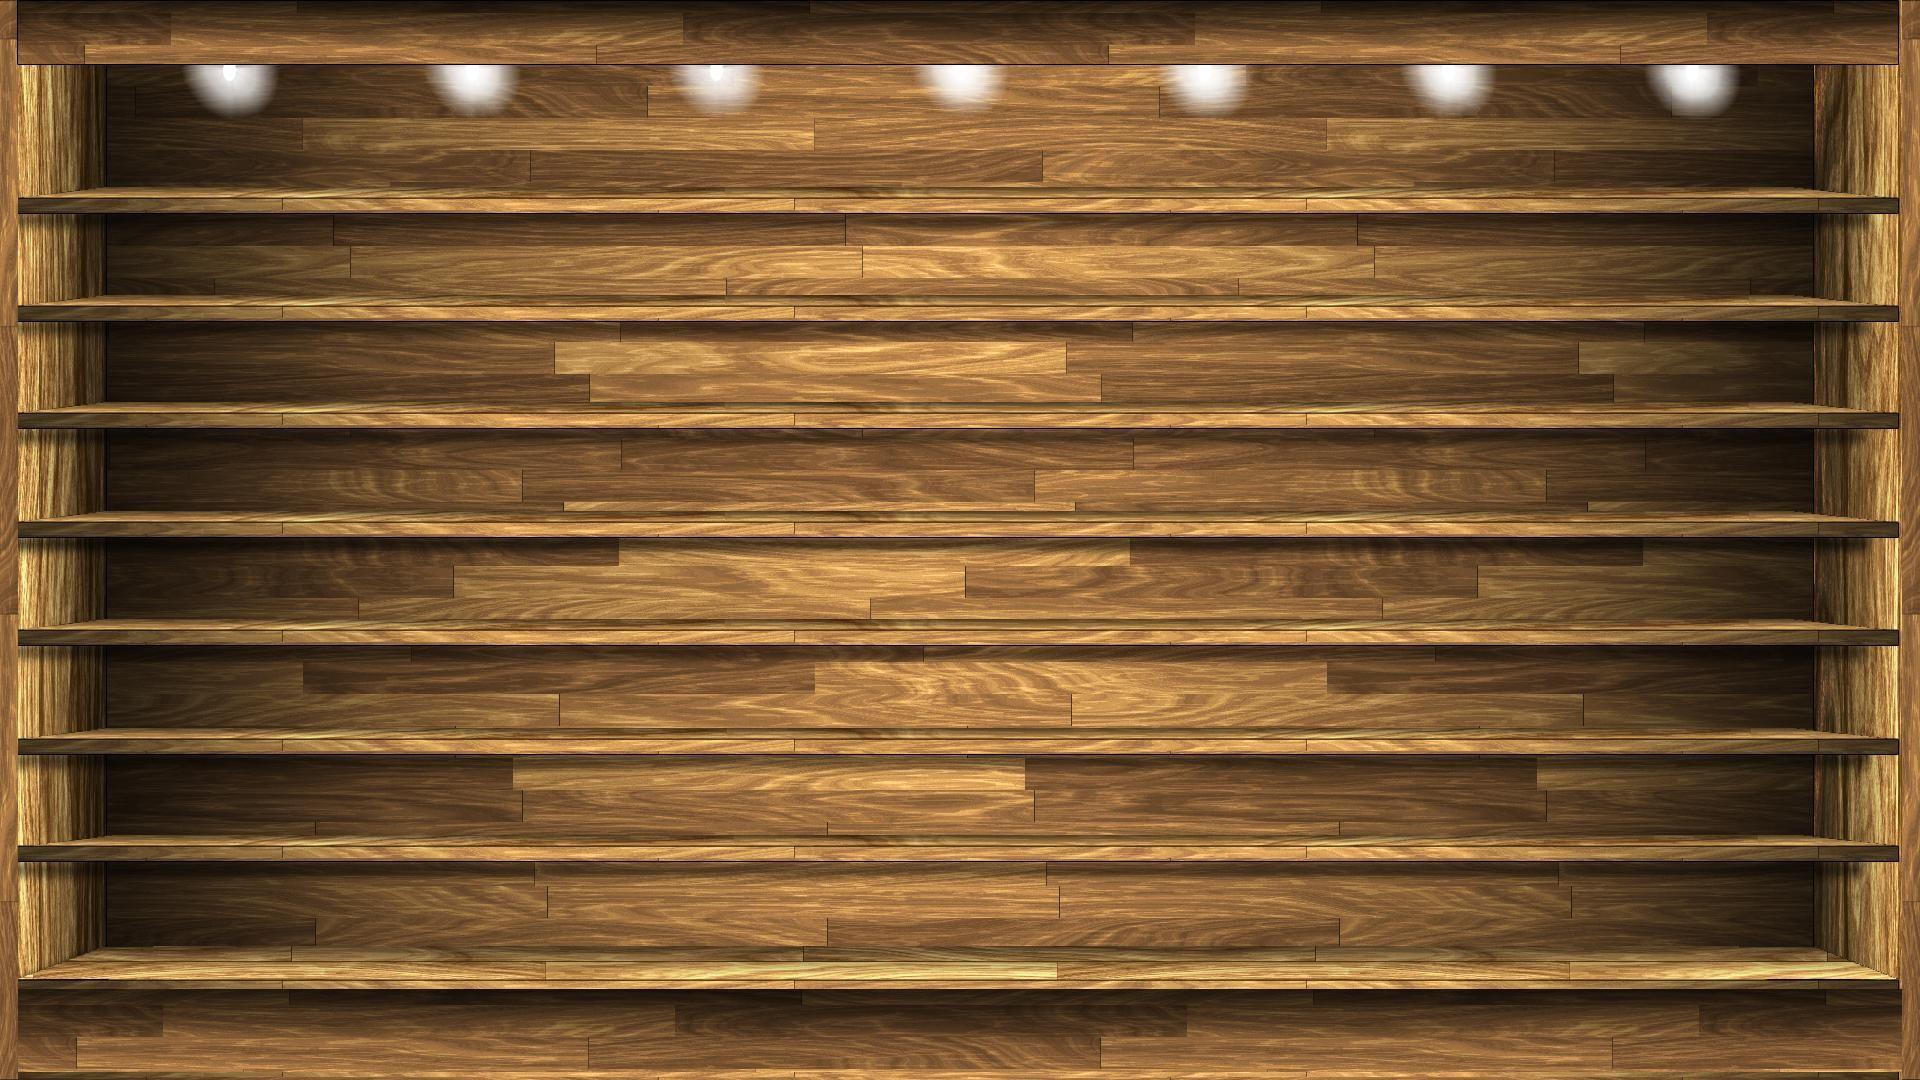 Bookshelf Wallpaper Best Inspirational High Quality 1064x693 Wallpapers 26